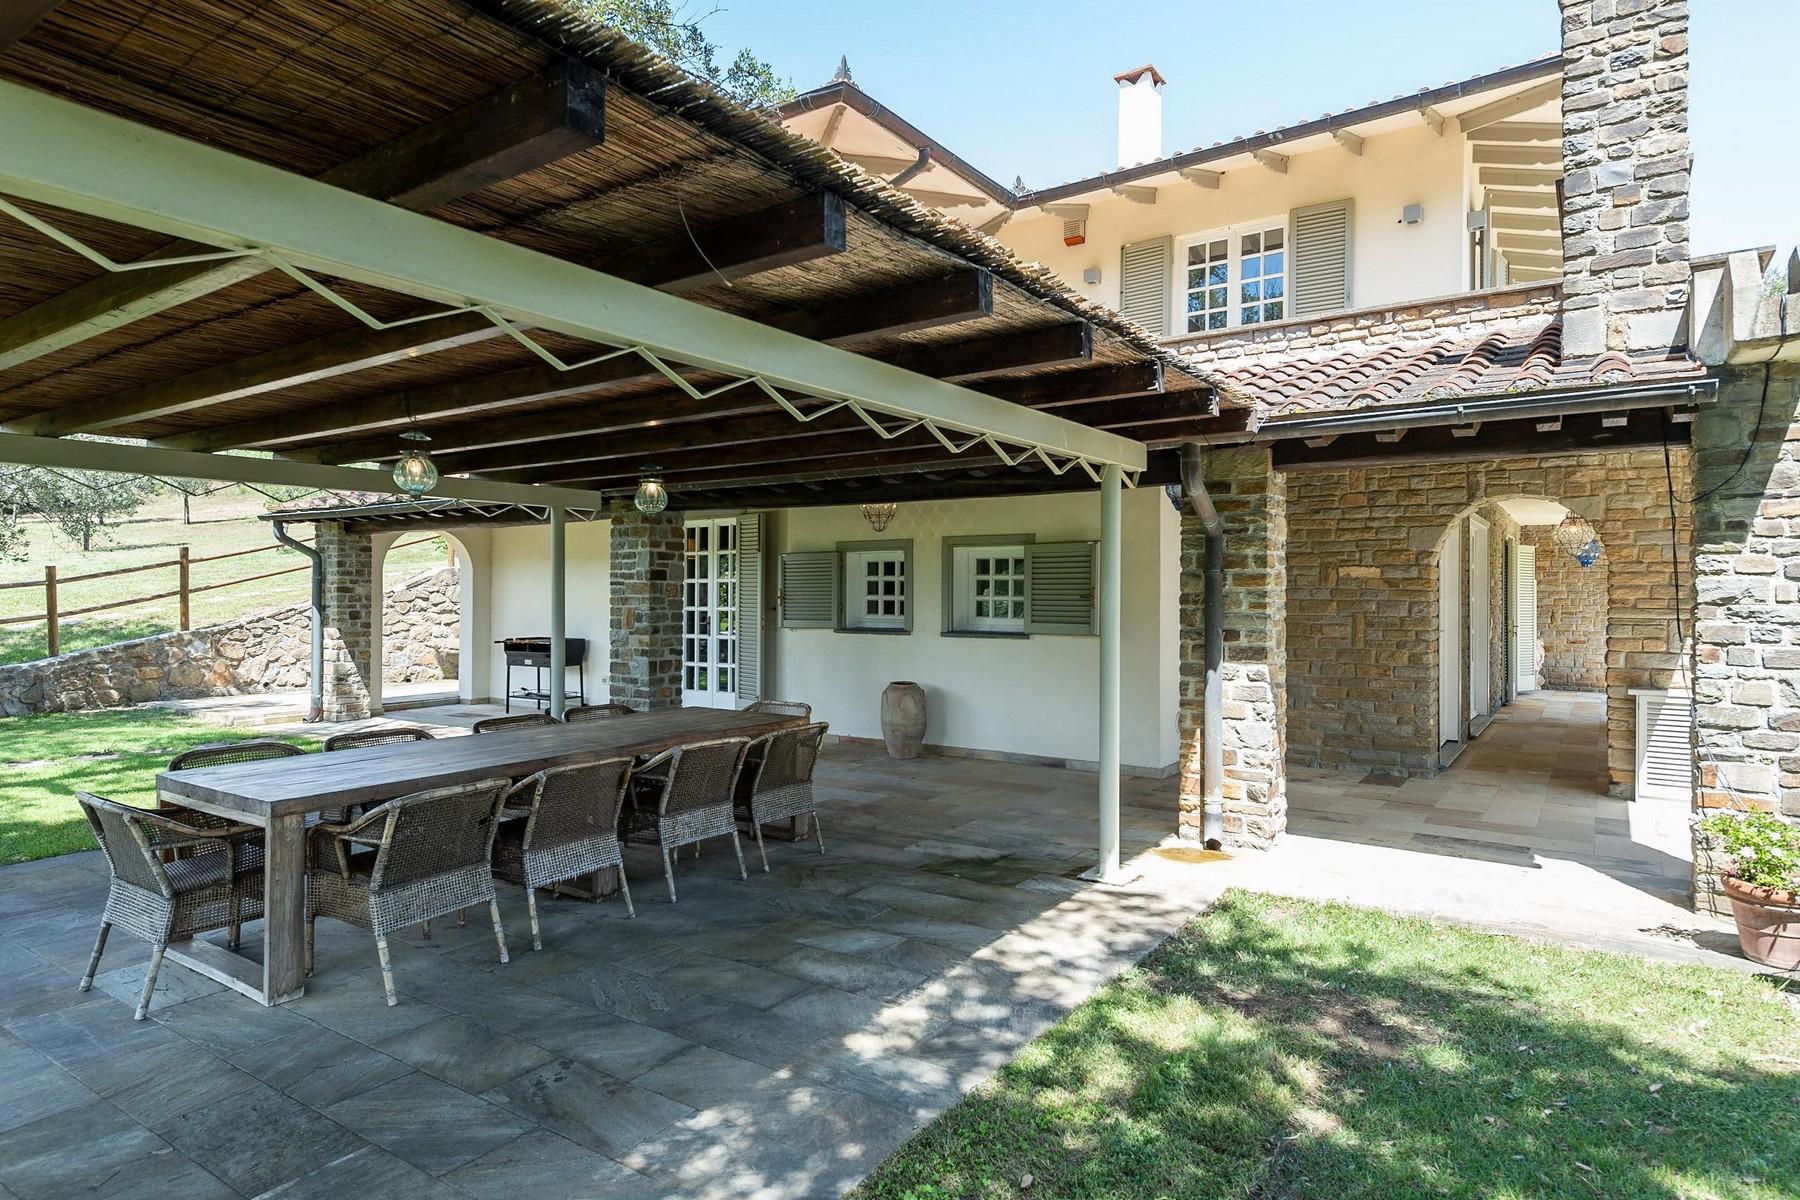 Villa in Vendita a Castiglione Della Pescaia: 5 locali, 310 mq - Foto 14